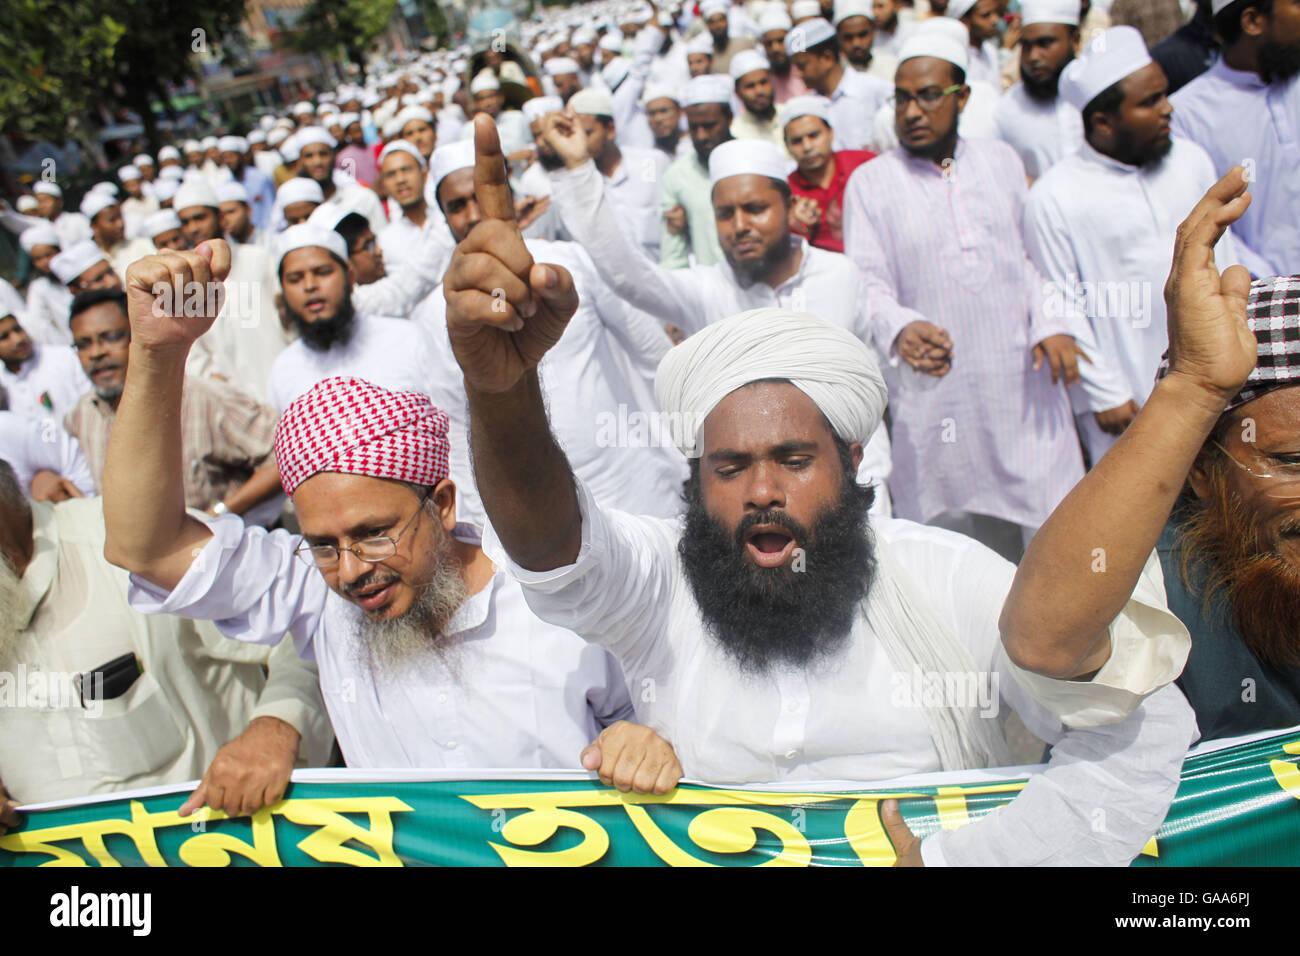 August 5, 2016 - Dhaka, Bangladesh - Supporters of Hefazat-e-Islam Stock  Photo - Alamy